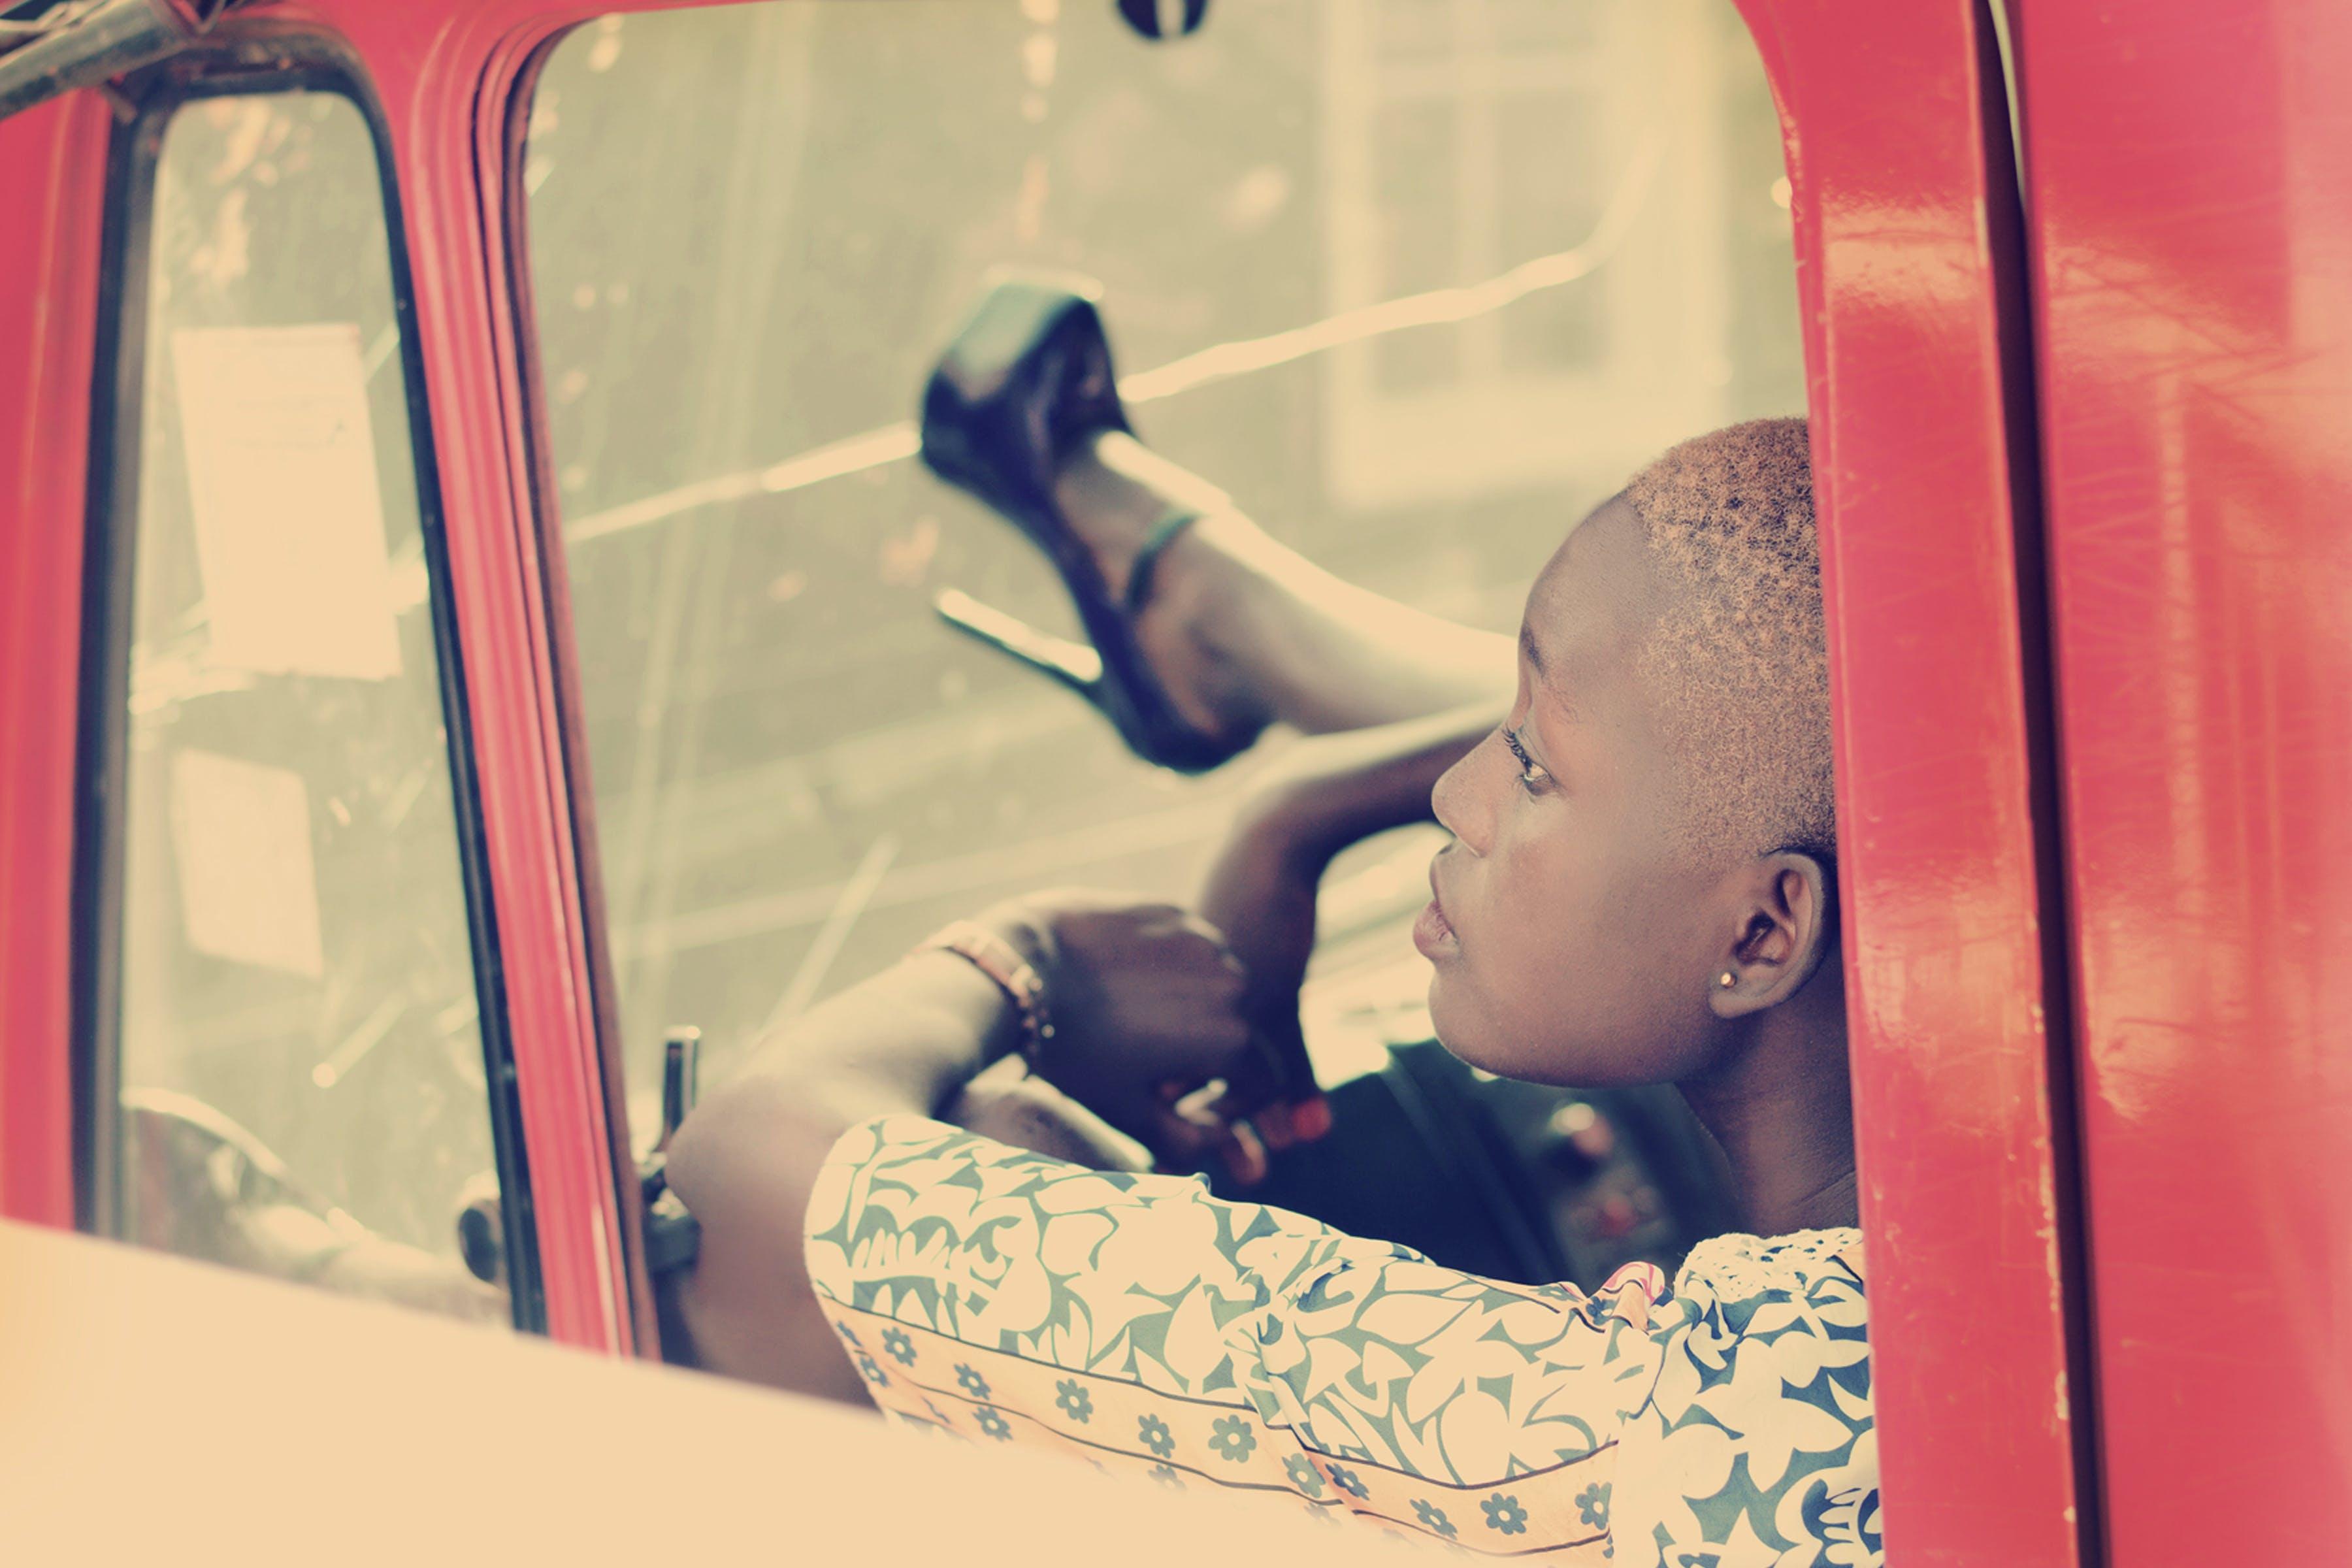 Gratis stockfoto met Afro-Amerikaanse vrouw, binnen, fashion model, gekleurd meisje